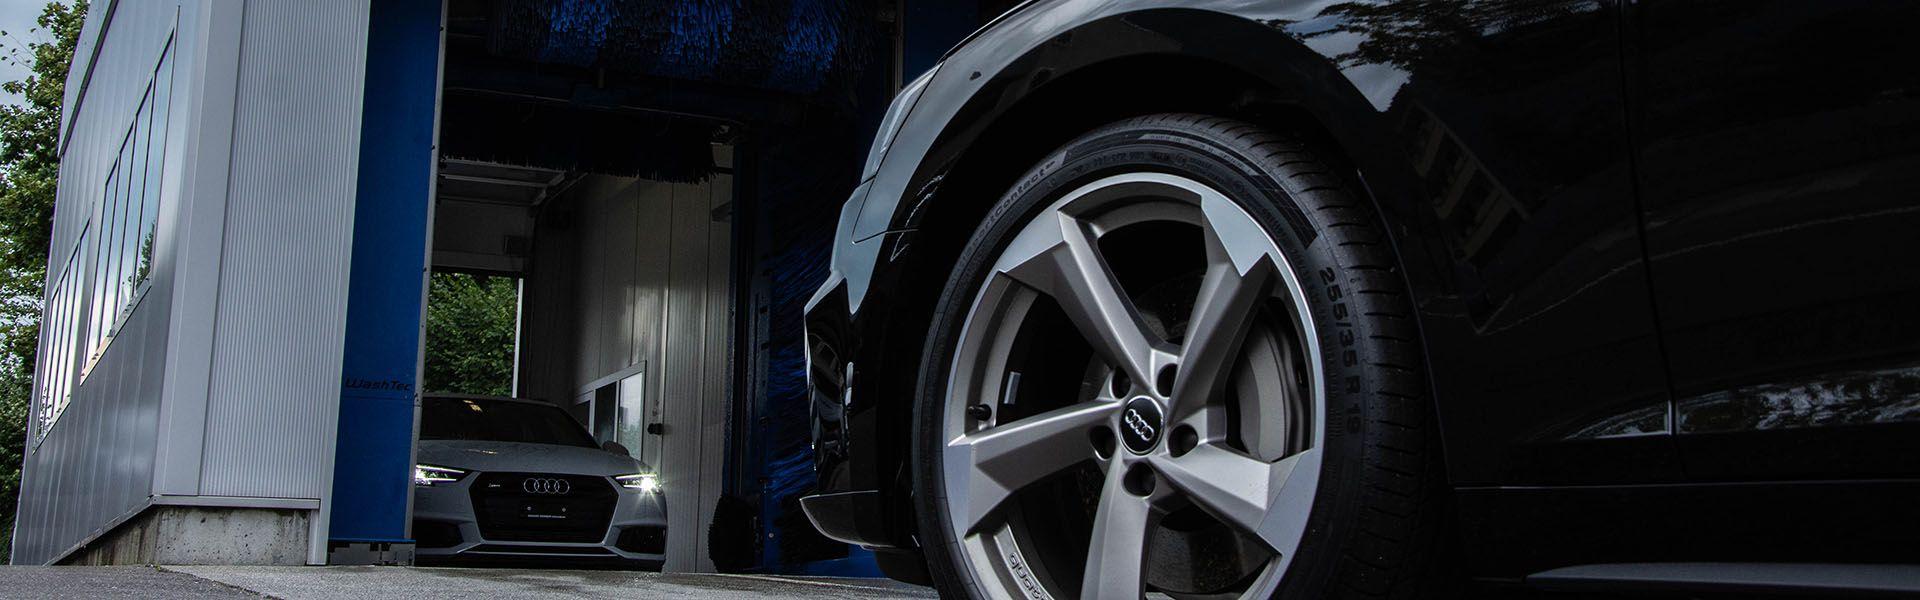 Waschcenter, eine Autowaschanlage macht Spass